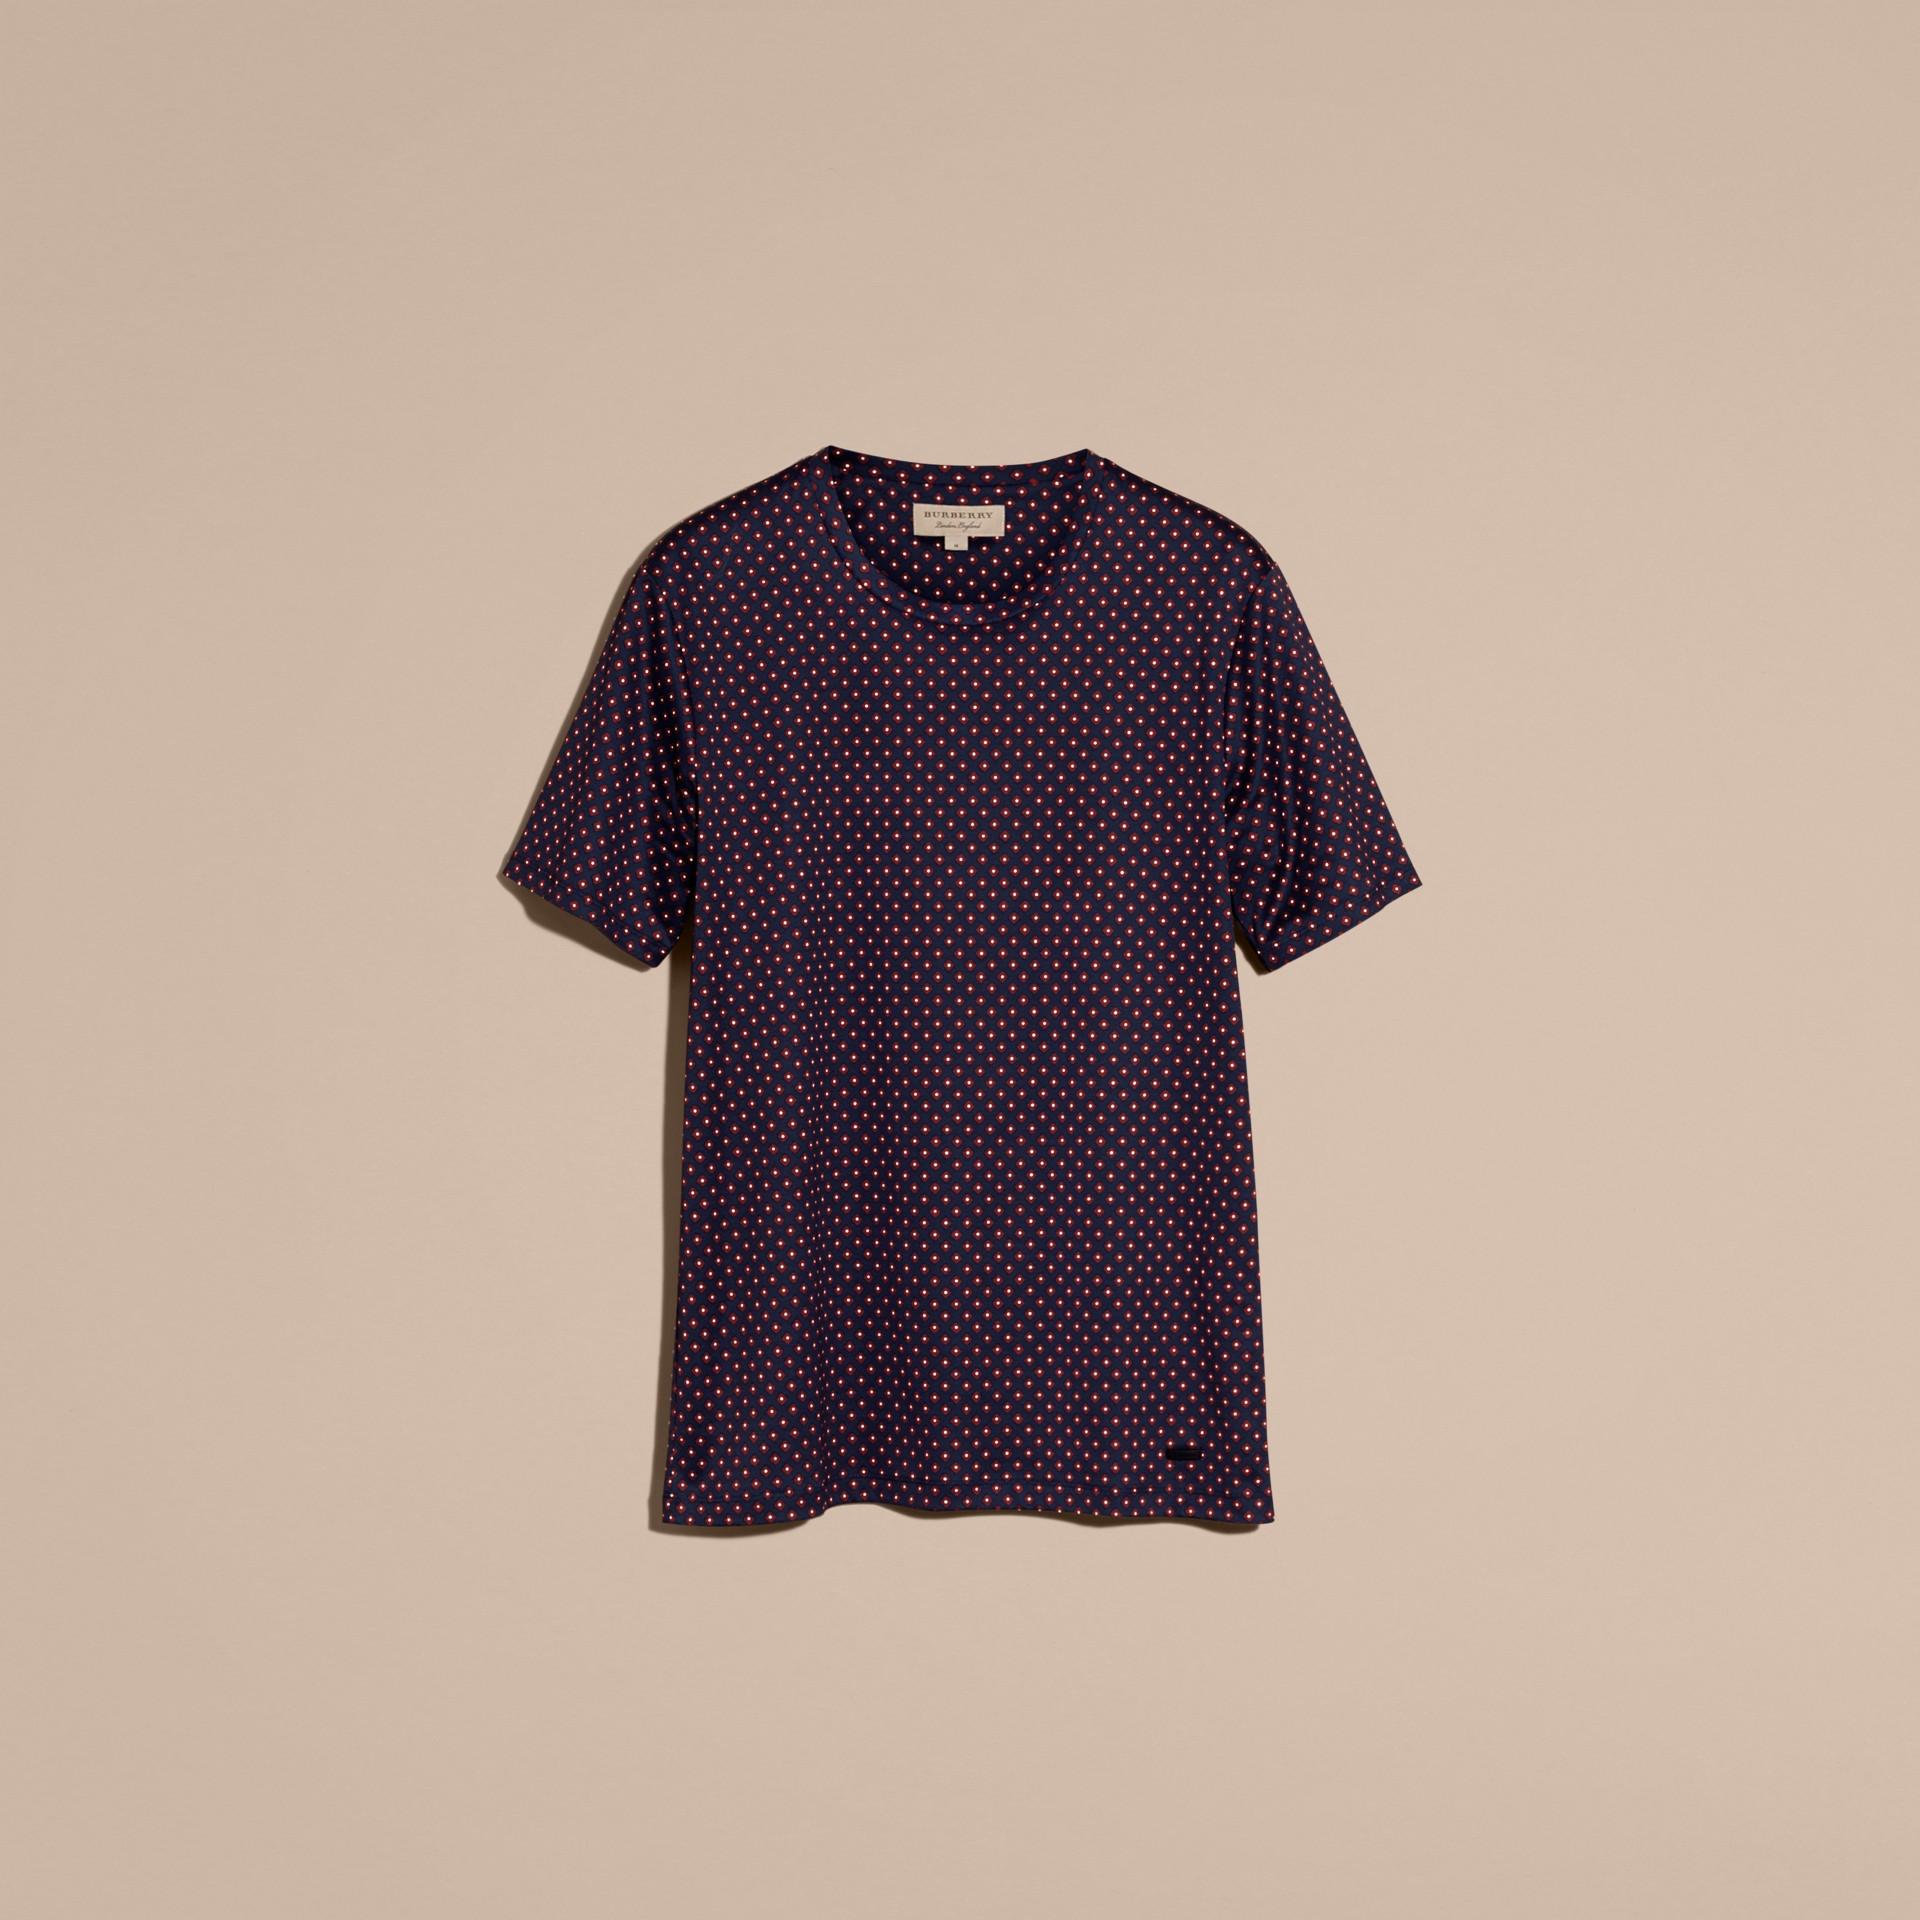 Helles marineblau Baumwoll-T-Shirt mit geometrischem Druckmotiv - Galerie-Bild 4